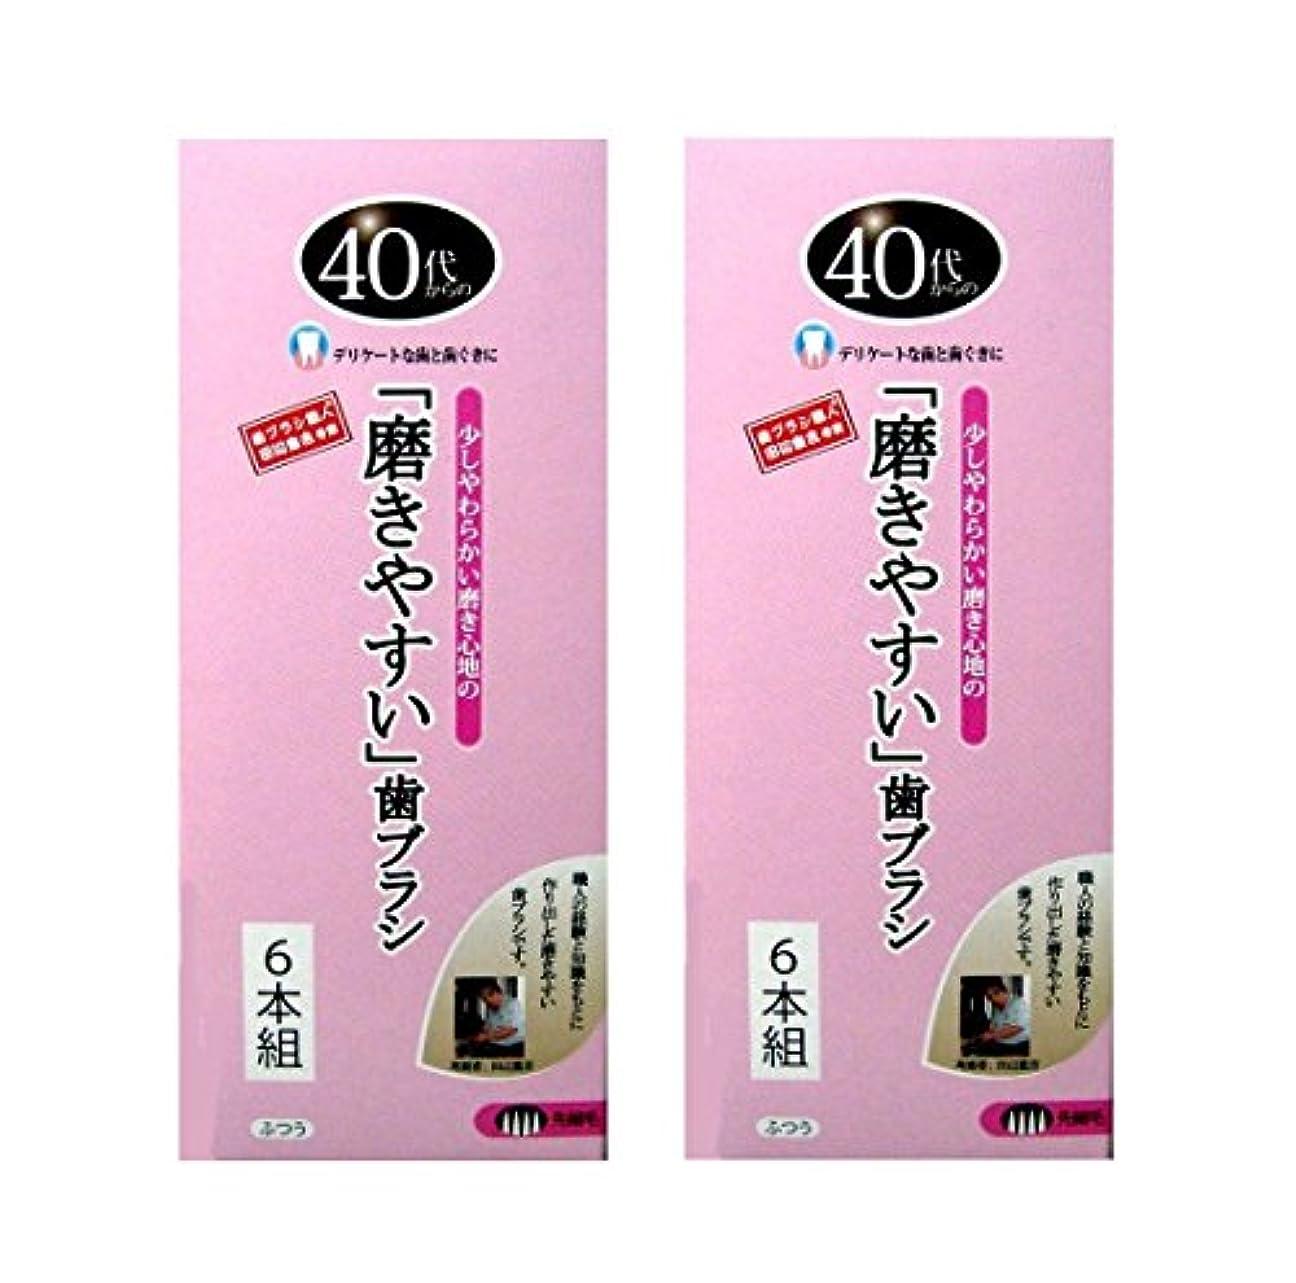 ピジンメダリスト医薬品歯ブラシ職人 田辺重吉考案 40代からの磨きやすい歯ブラシ 先細 6本組×2個セット